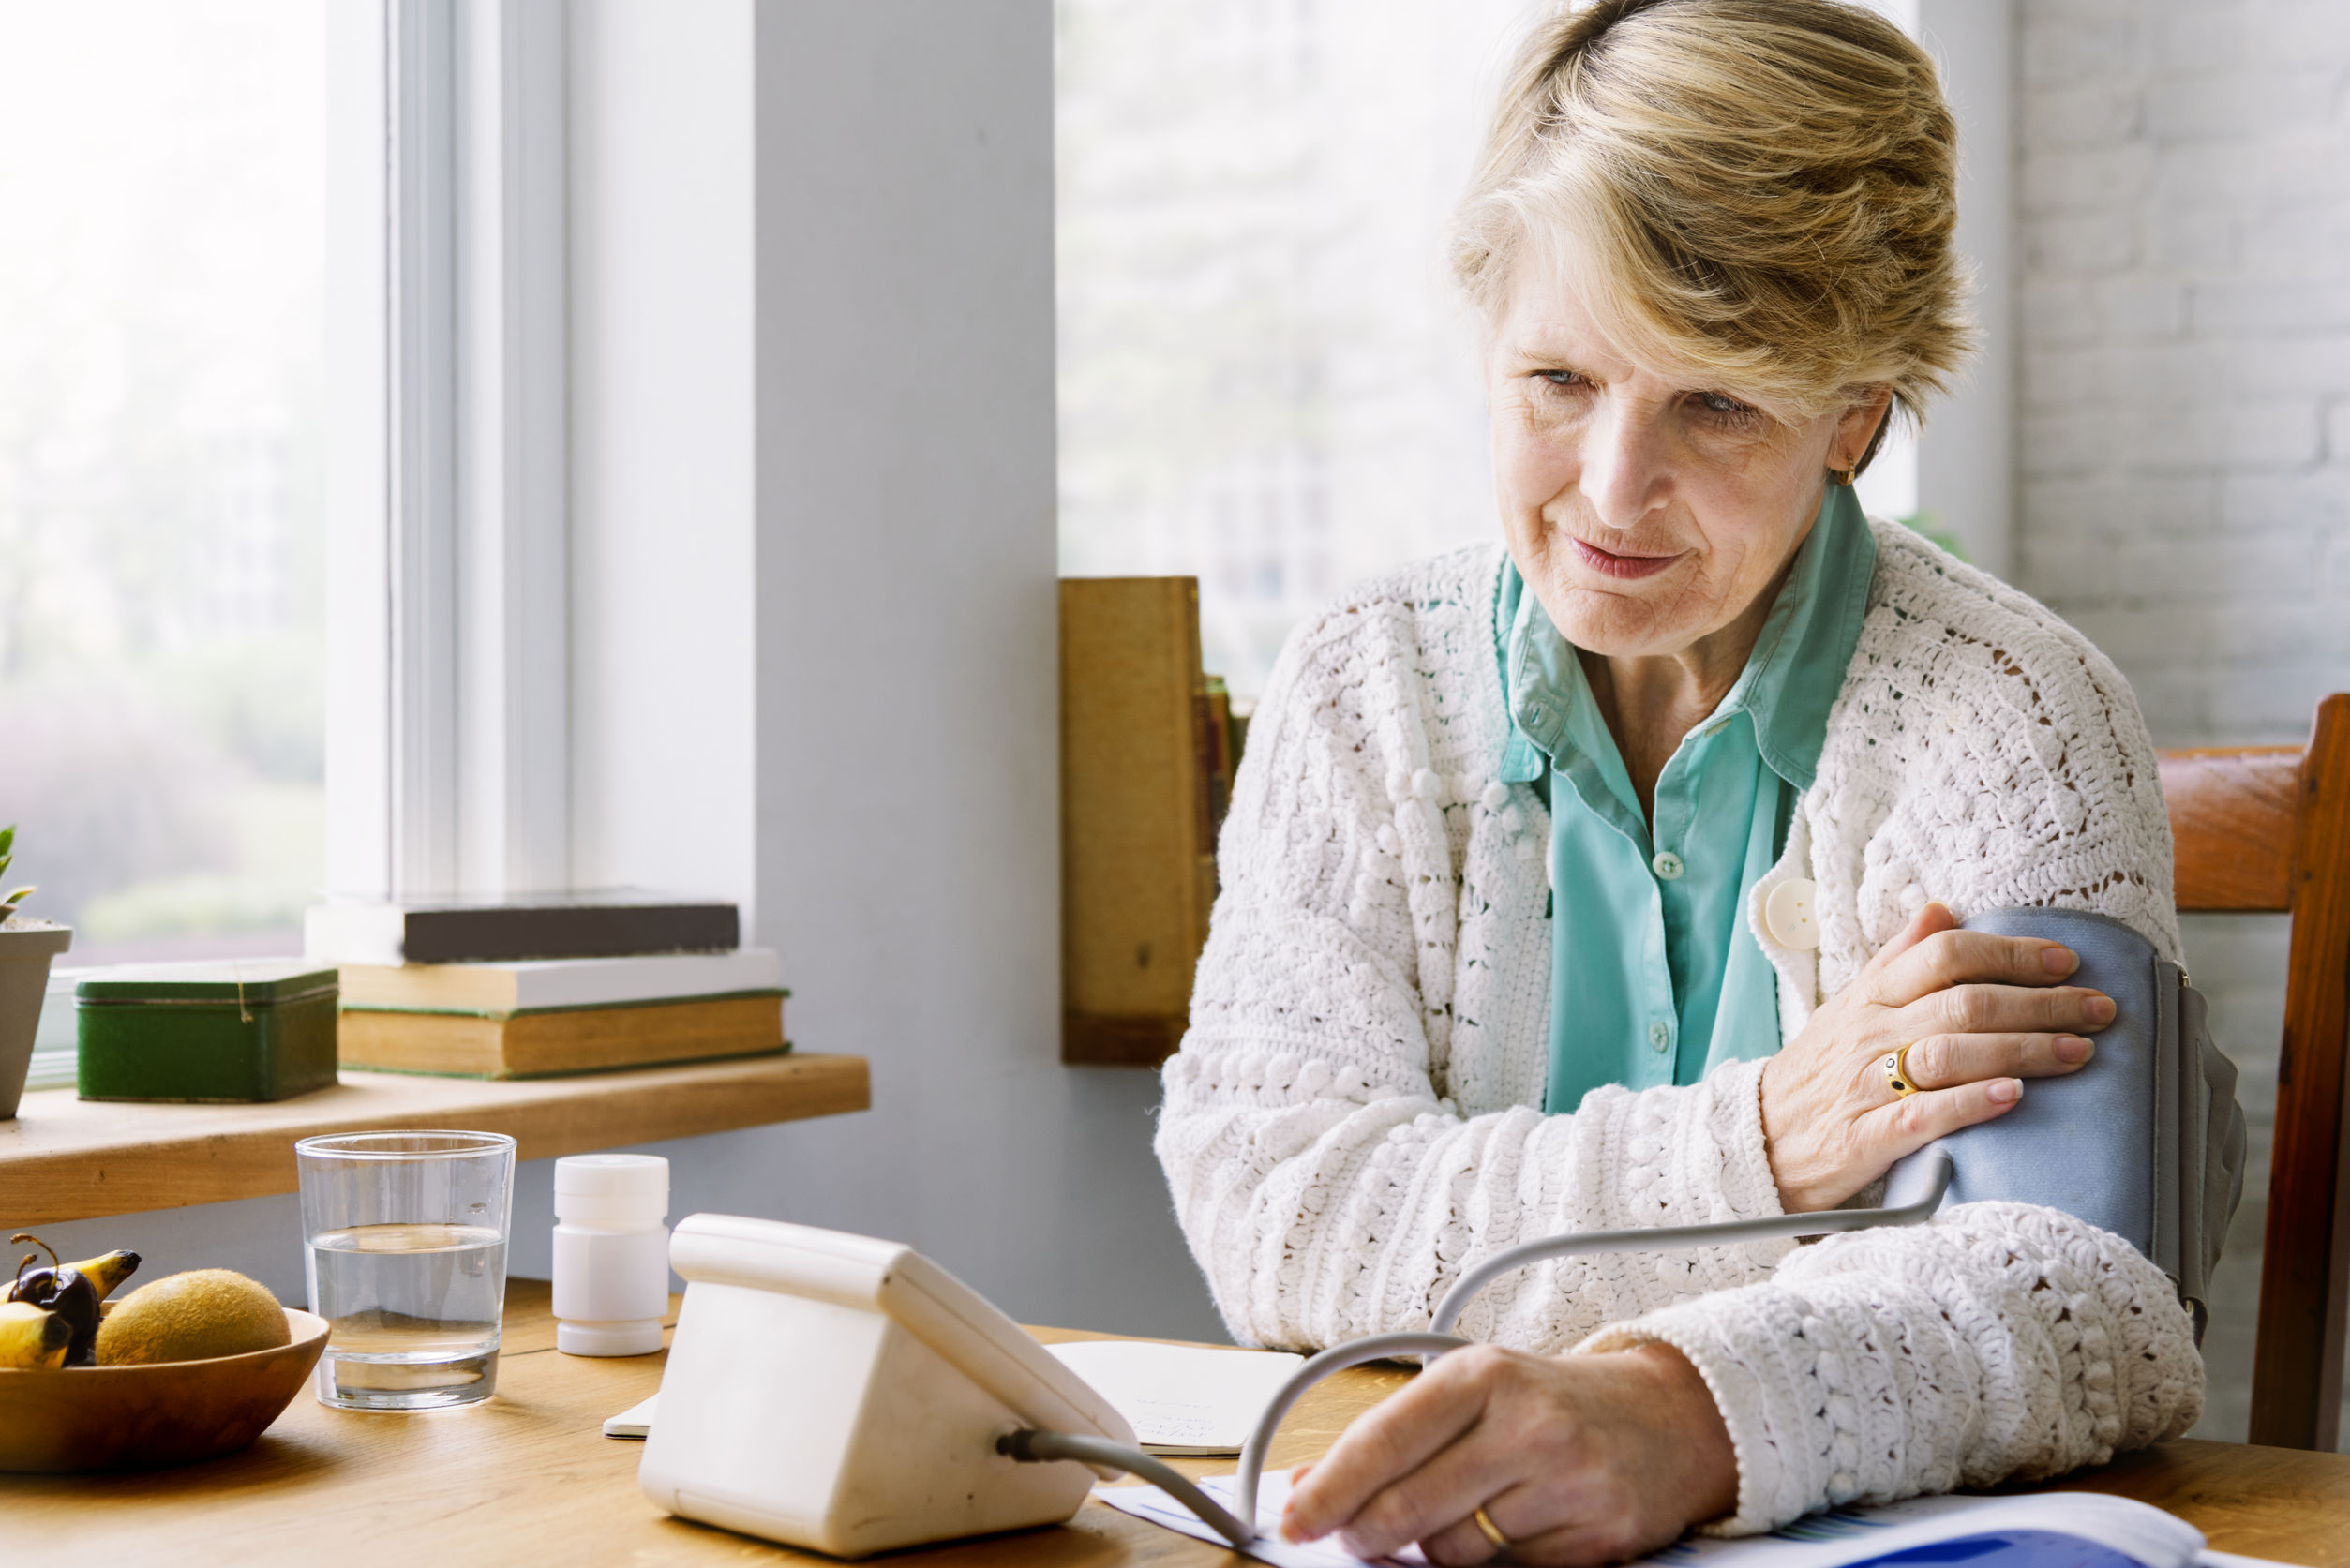 Hogyan kezelik a szem magas vérnyomását magas vérnyomás esetén alkalmazott gyógyszer